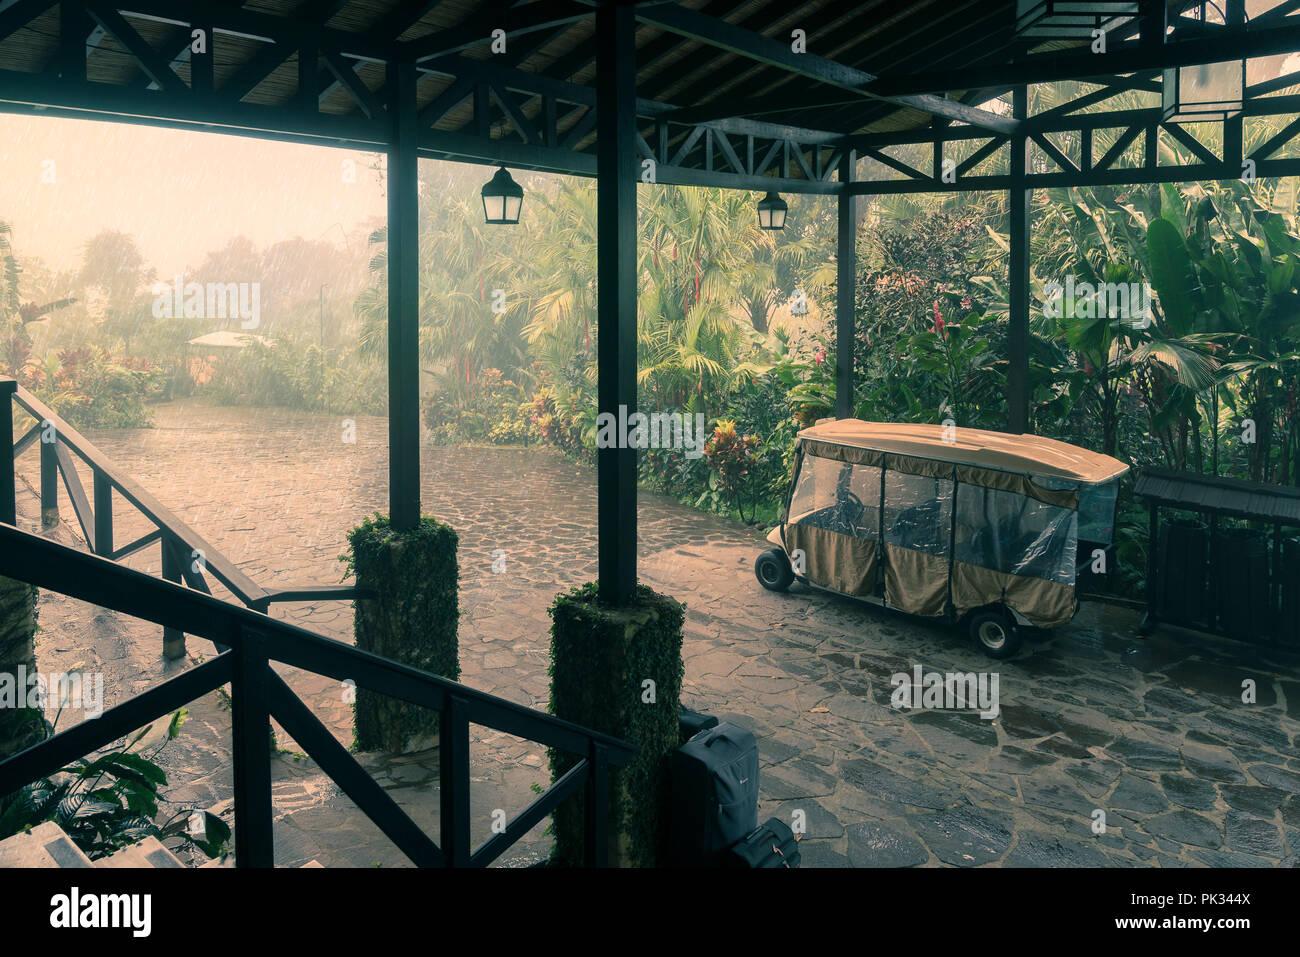 Regnet, Mirador El Silencio, San Carlos, Costa Rica Stockbild